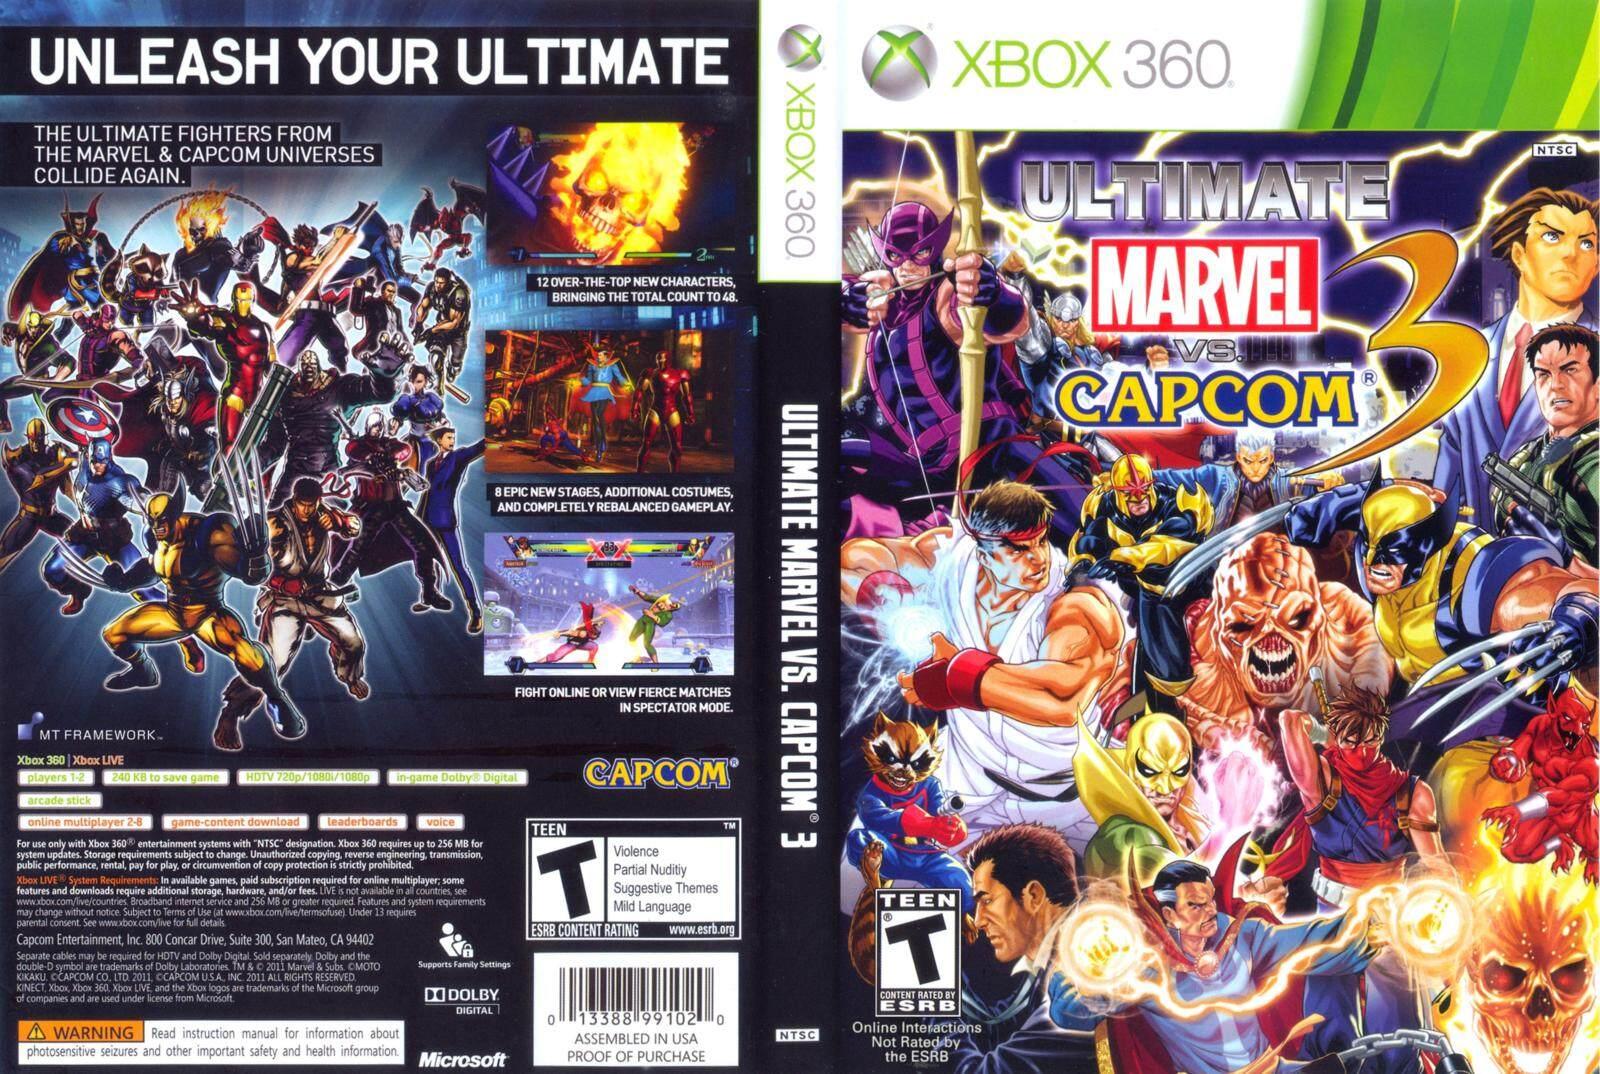 XBOX 360 Ultimate Marvel vs Capcom 3